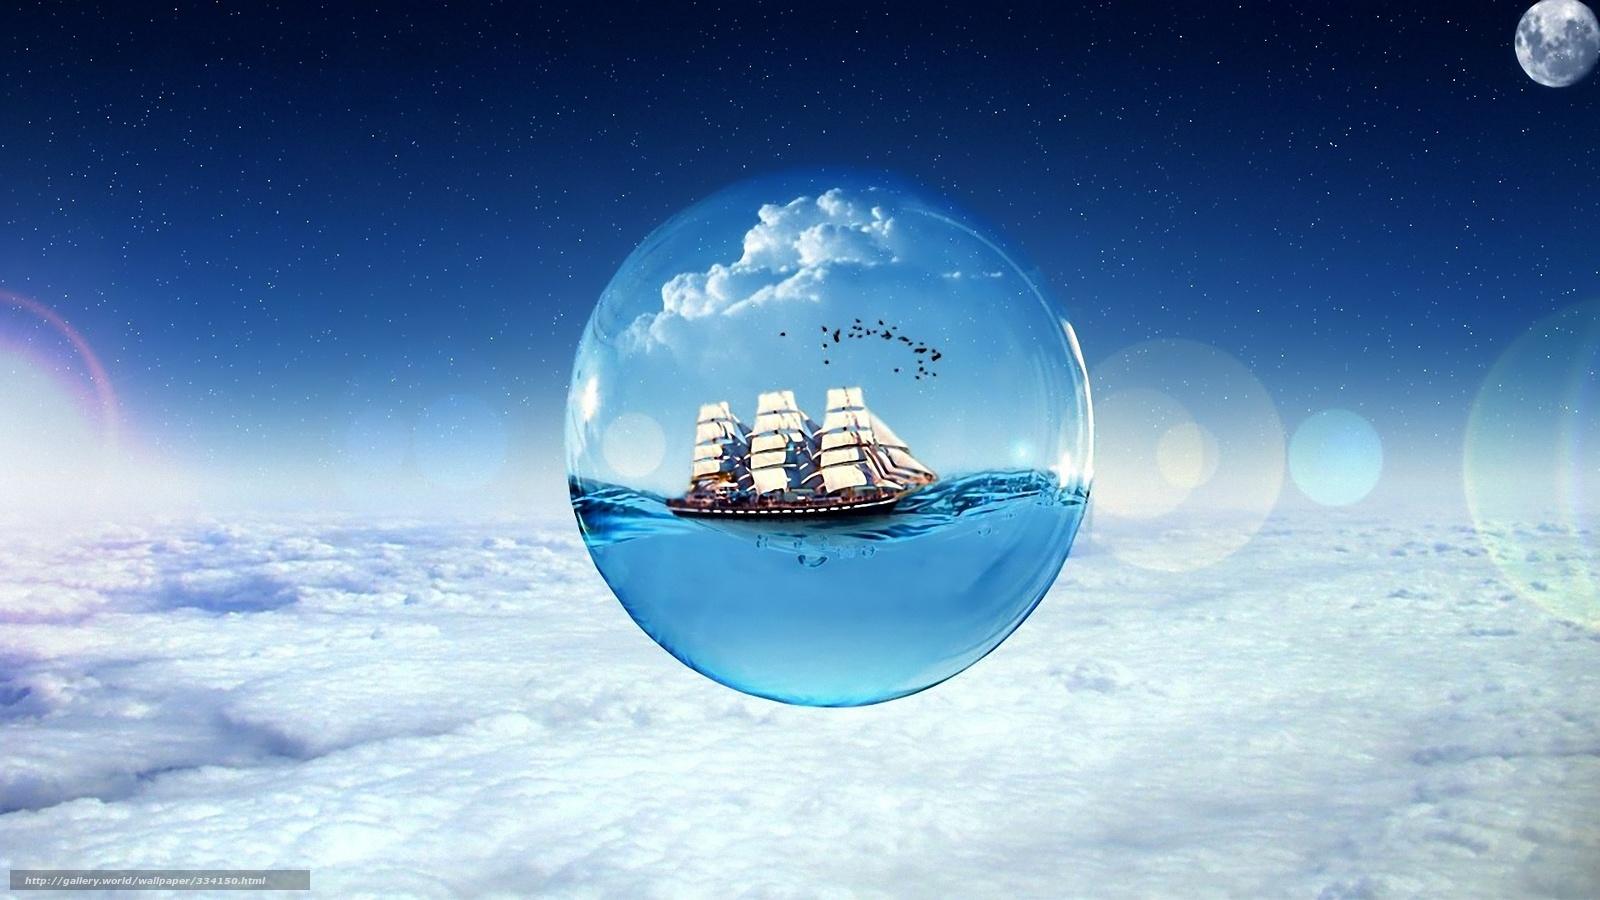 Scaricare gli sfondi sogni nave nuvole sfondi gratis per for Sfondi desktop aurora boreale